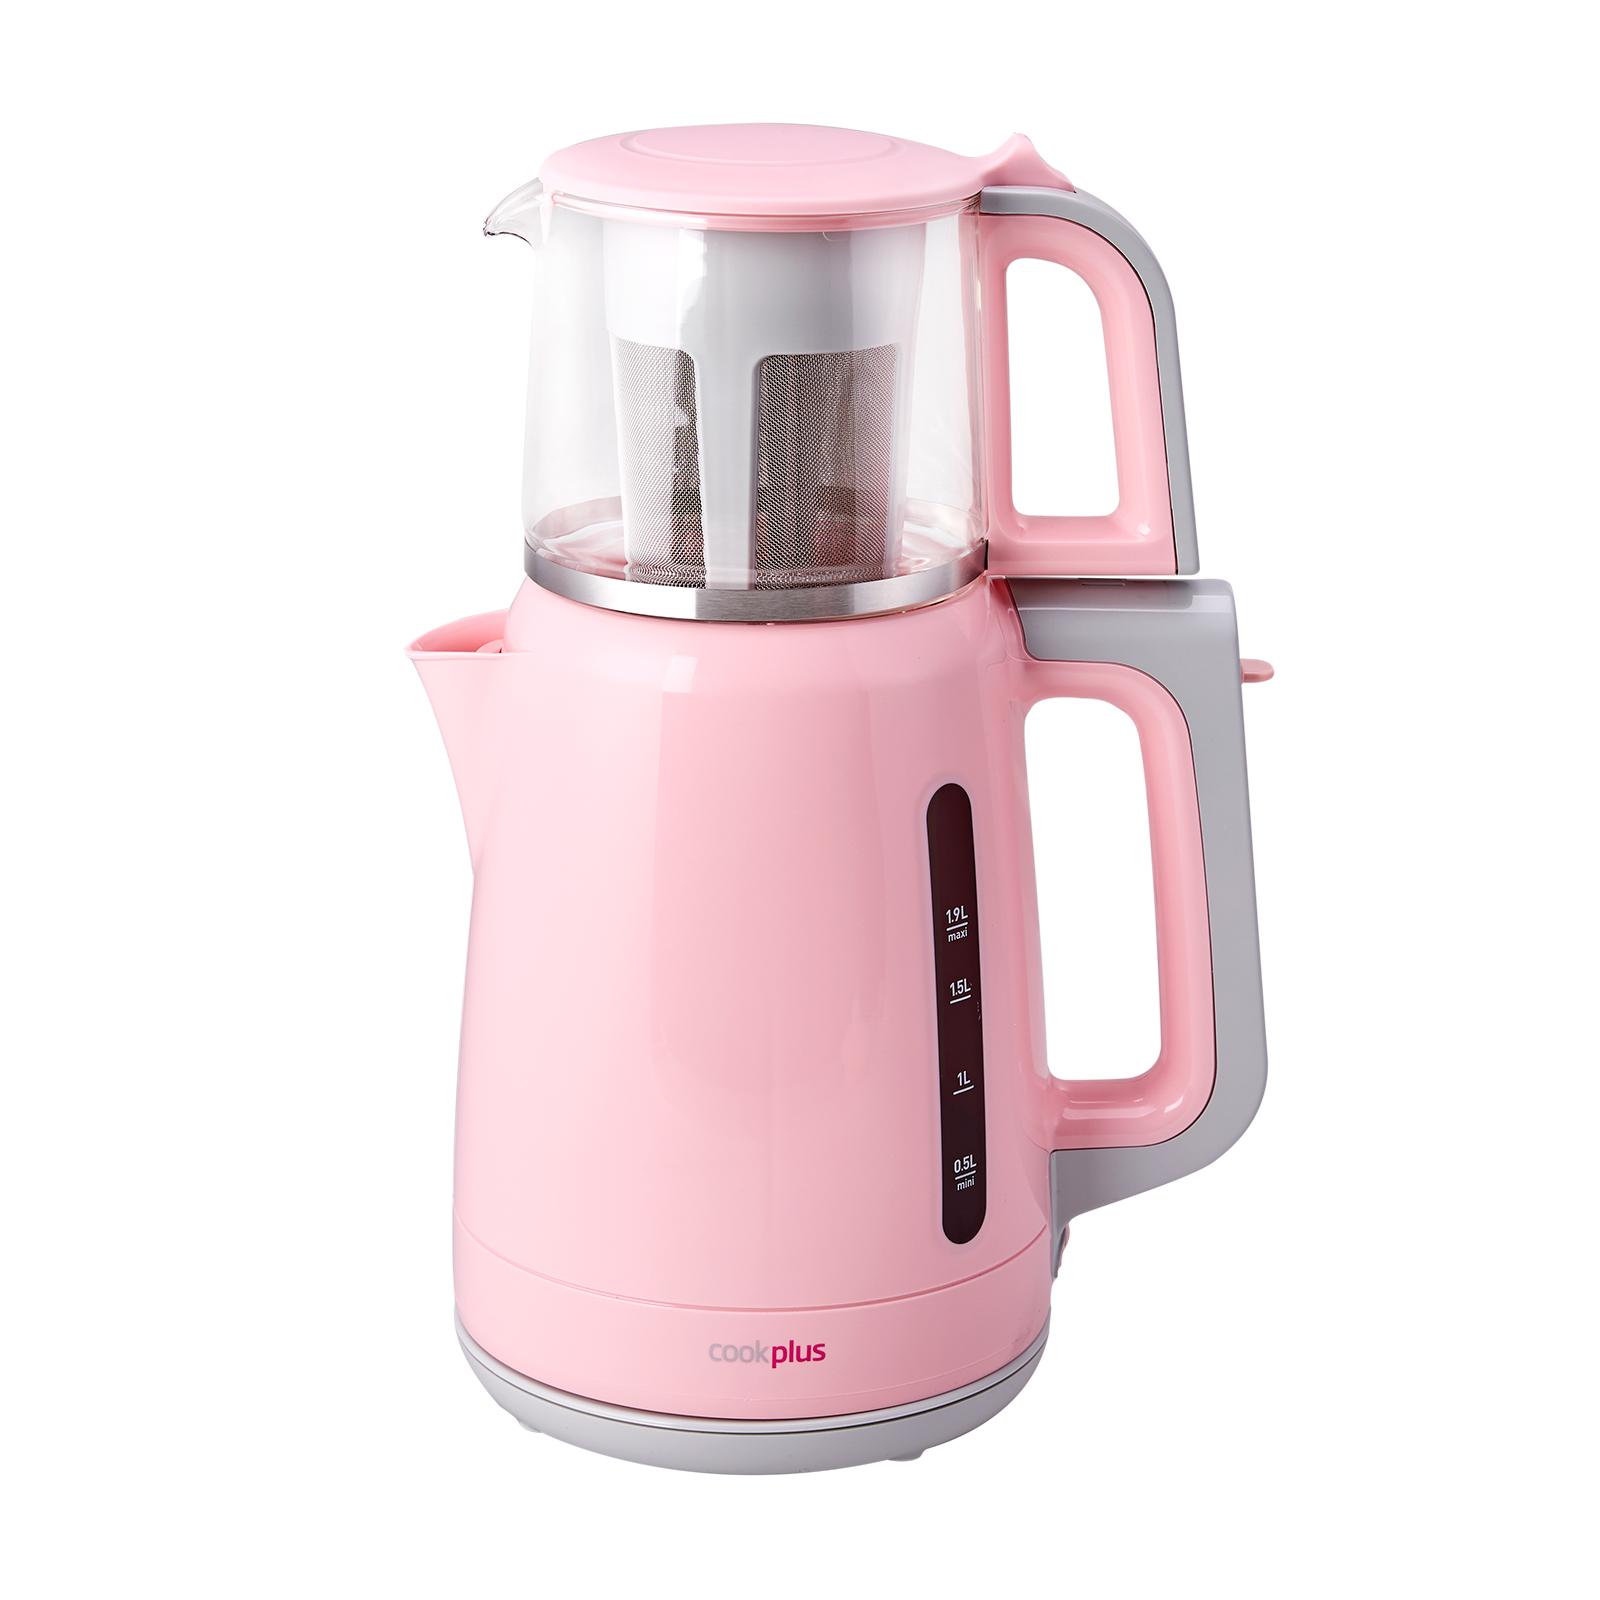 Cookplus Yeni 1501 Enerji Tasarruflu Kettle Çay Makinesi